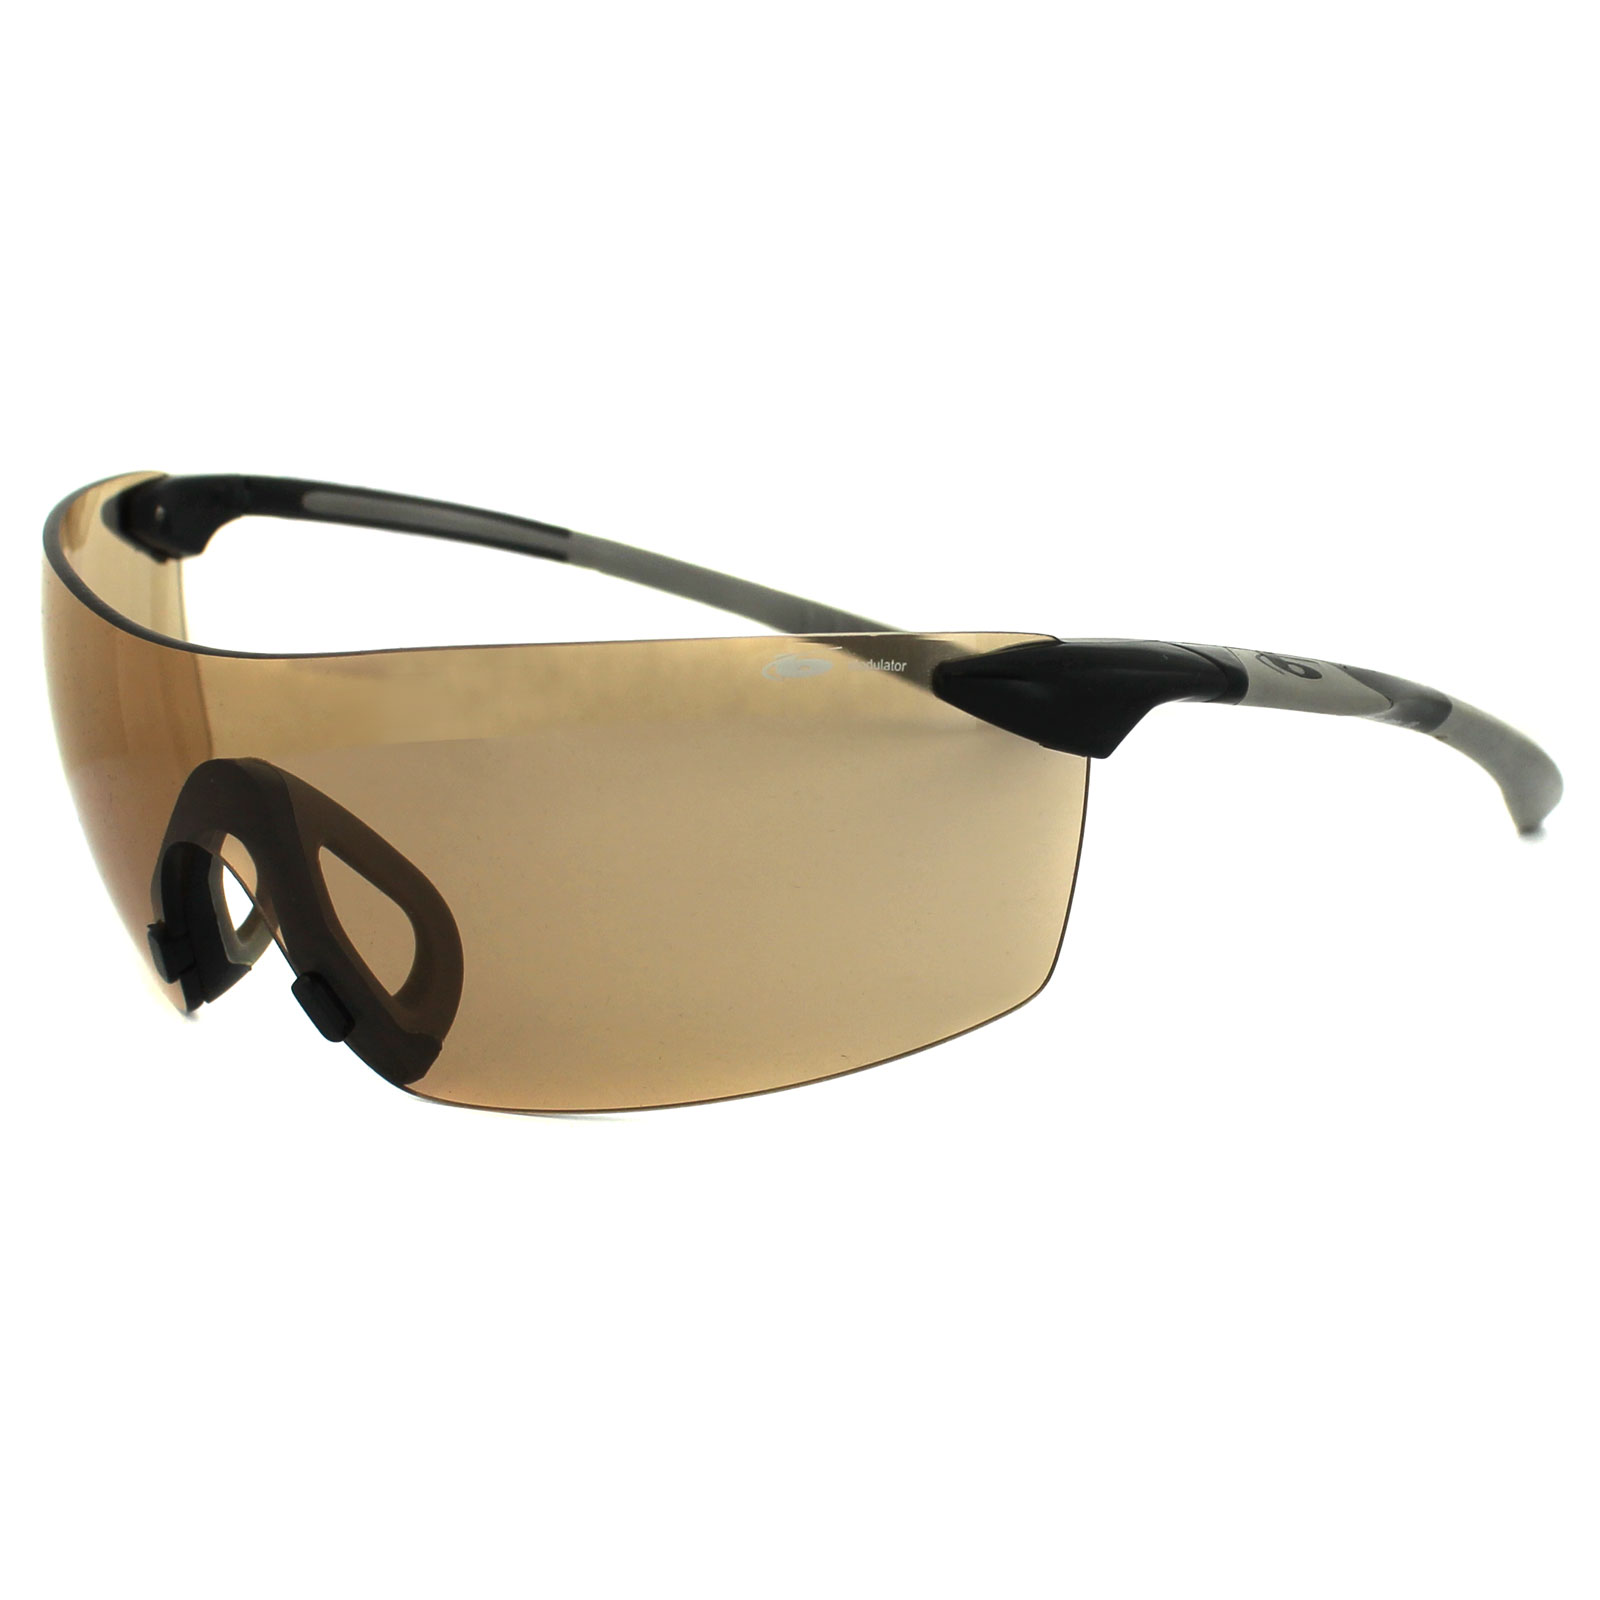 a745f390ec4 Bolle Turbulence Sunglasses Black